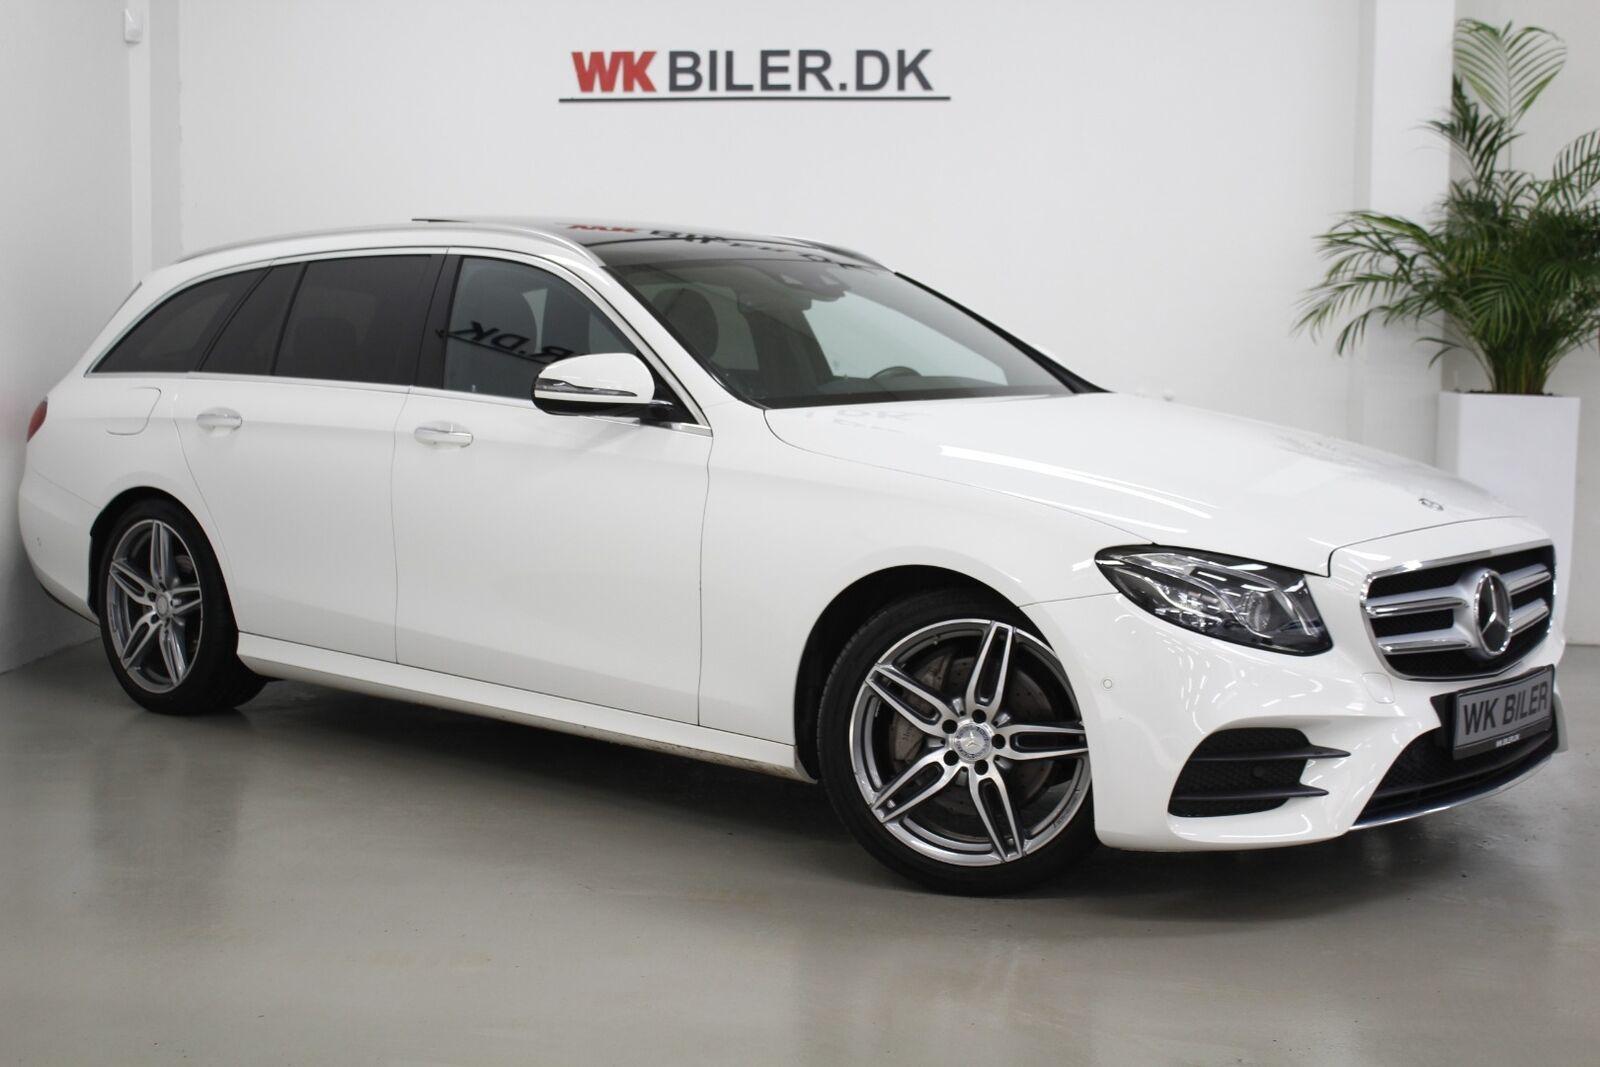 Mercedes E220 d 2,0 AMG Line stc. aut. 5d - 2.495 kr.